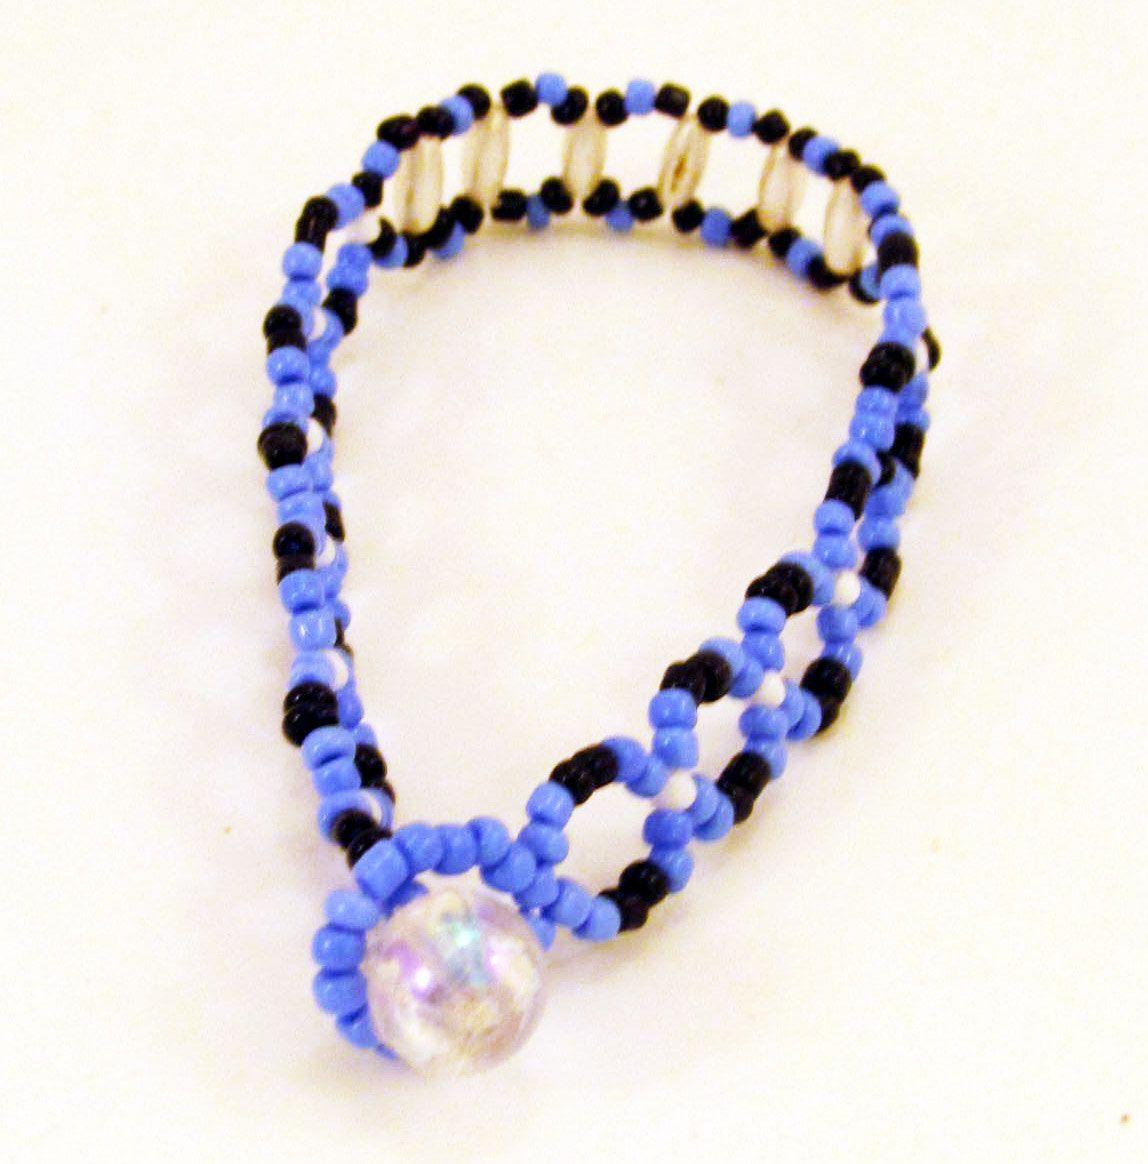 bead bracelet women best jewelry beading ideas interesting gifts ...